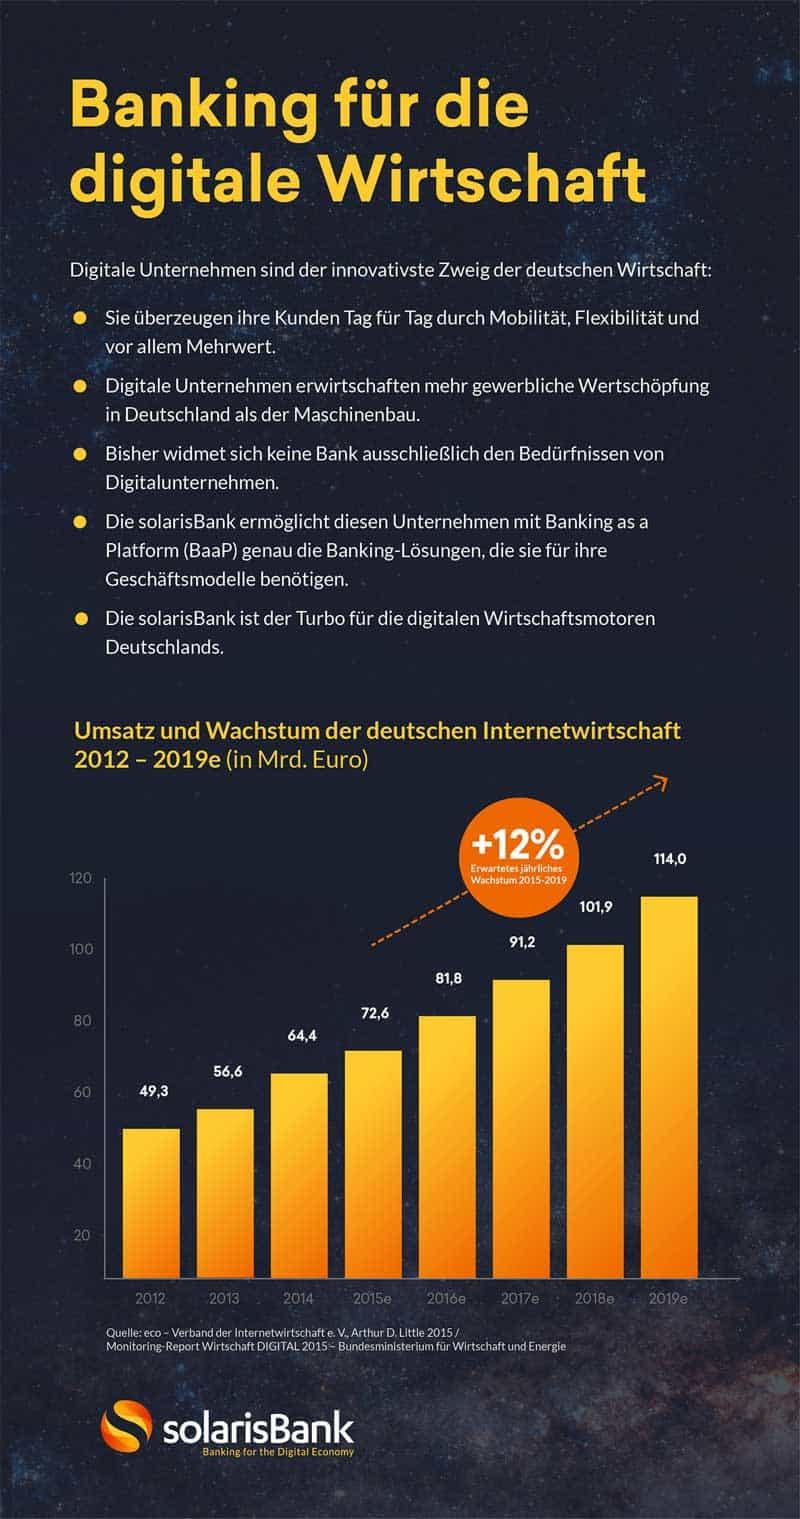 solarisBank---Banking-für-die-Digitale-Wirtschaft